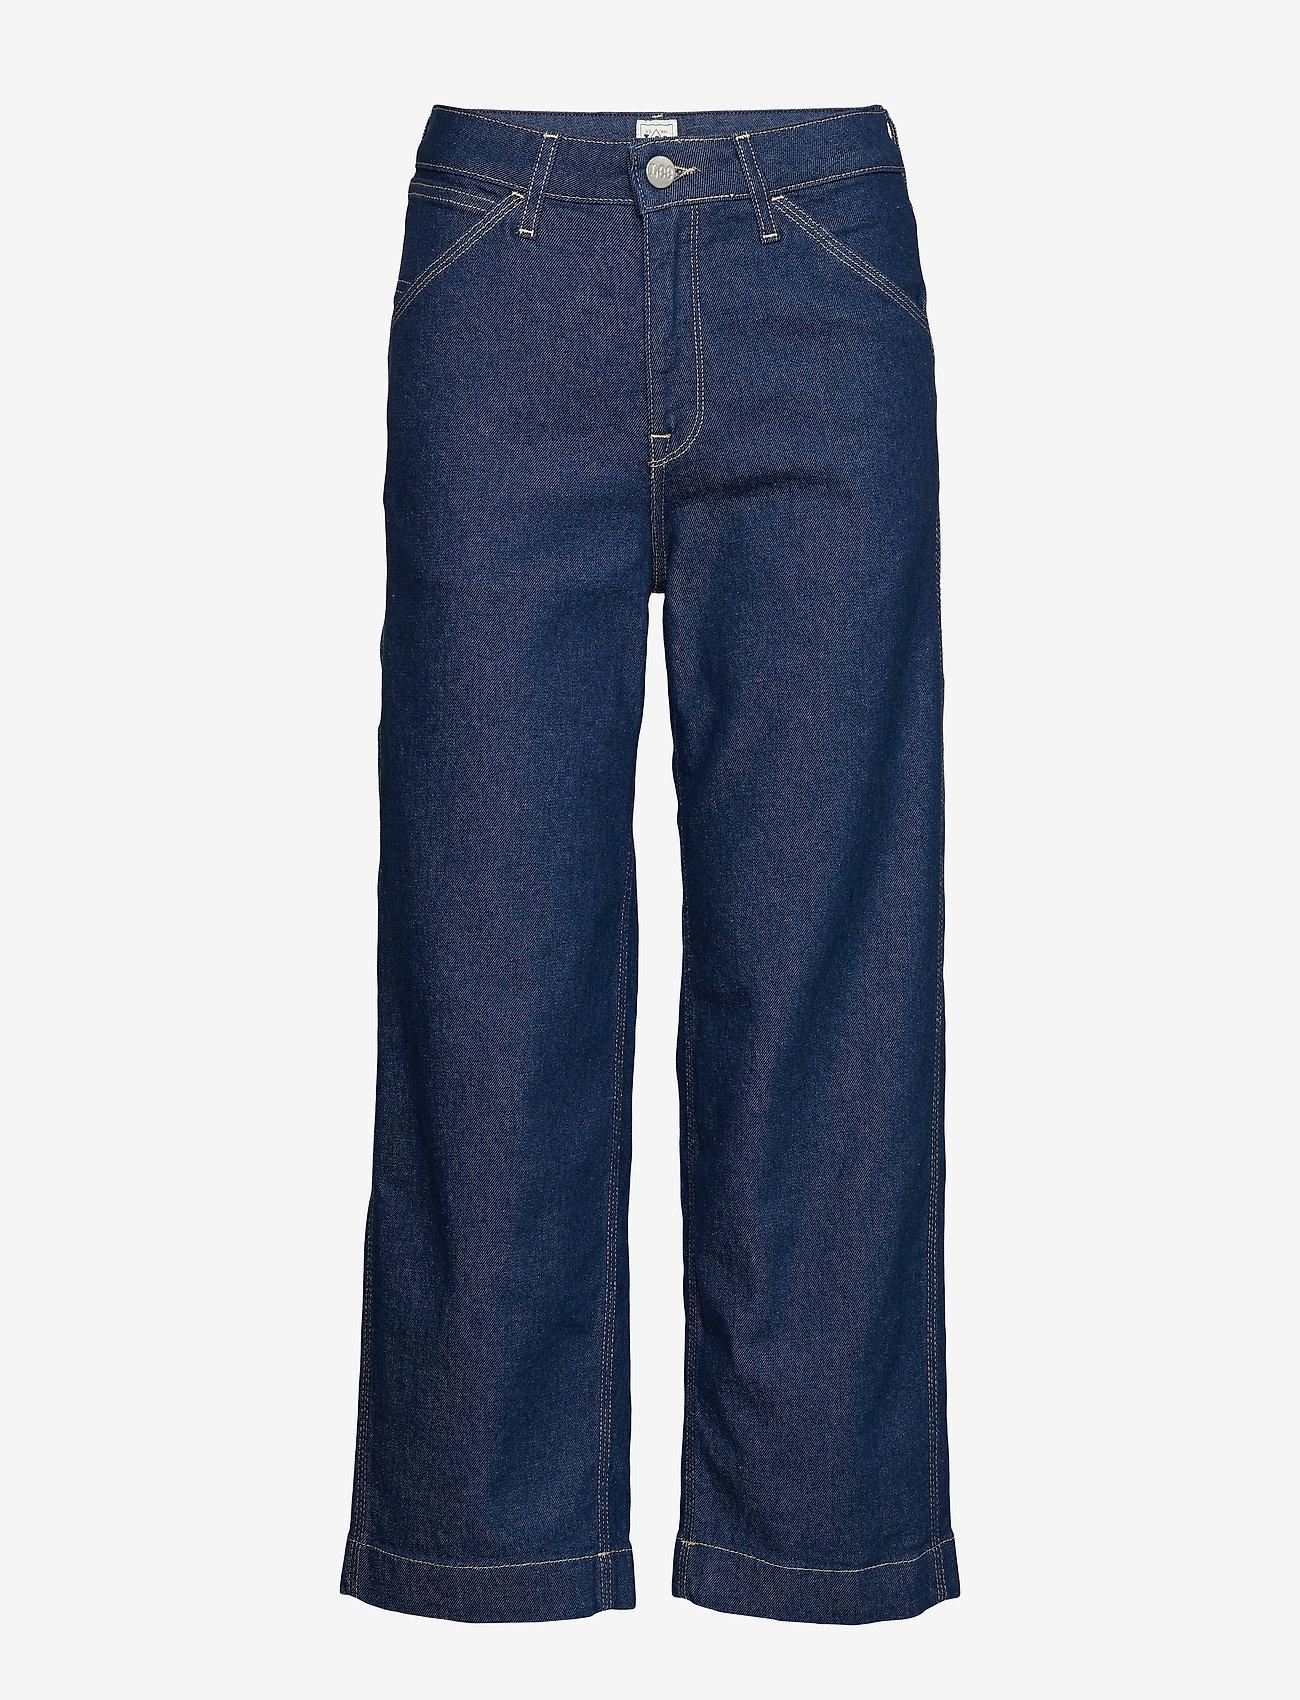 Lee Jeans - CARPENTER - broeken met wijde pijpen - rinse - 0